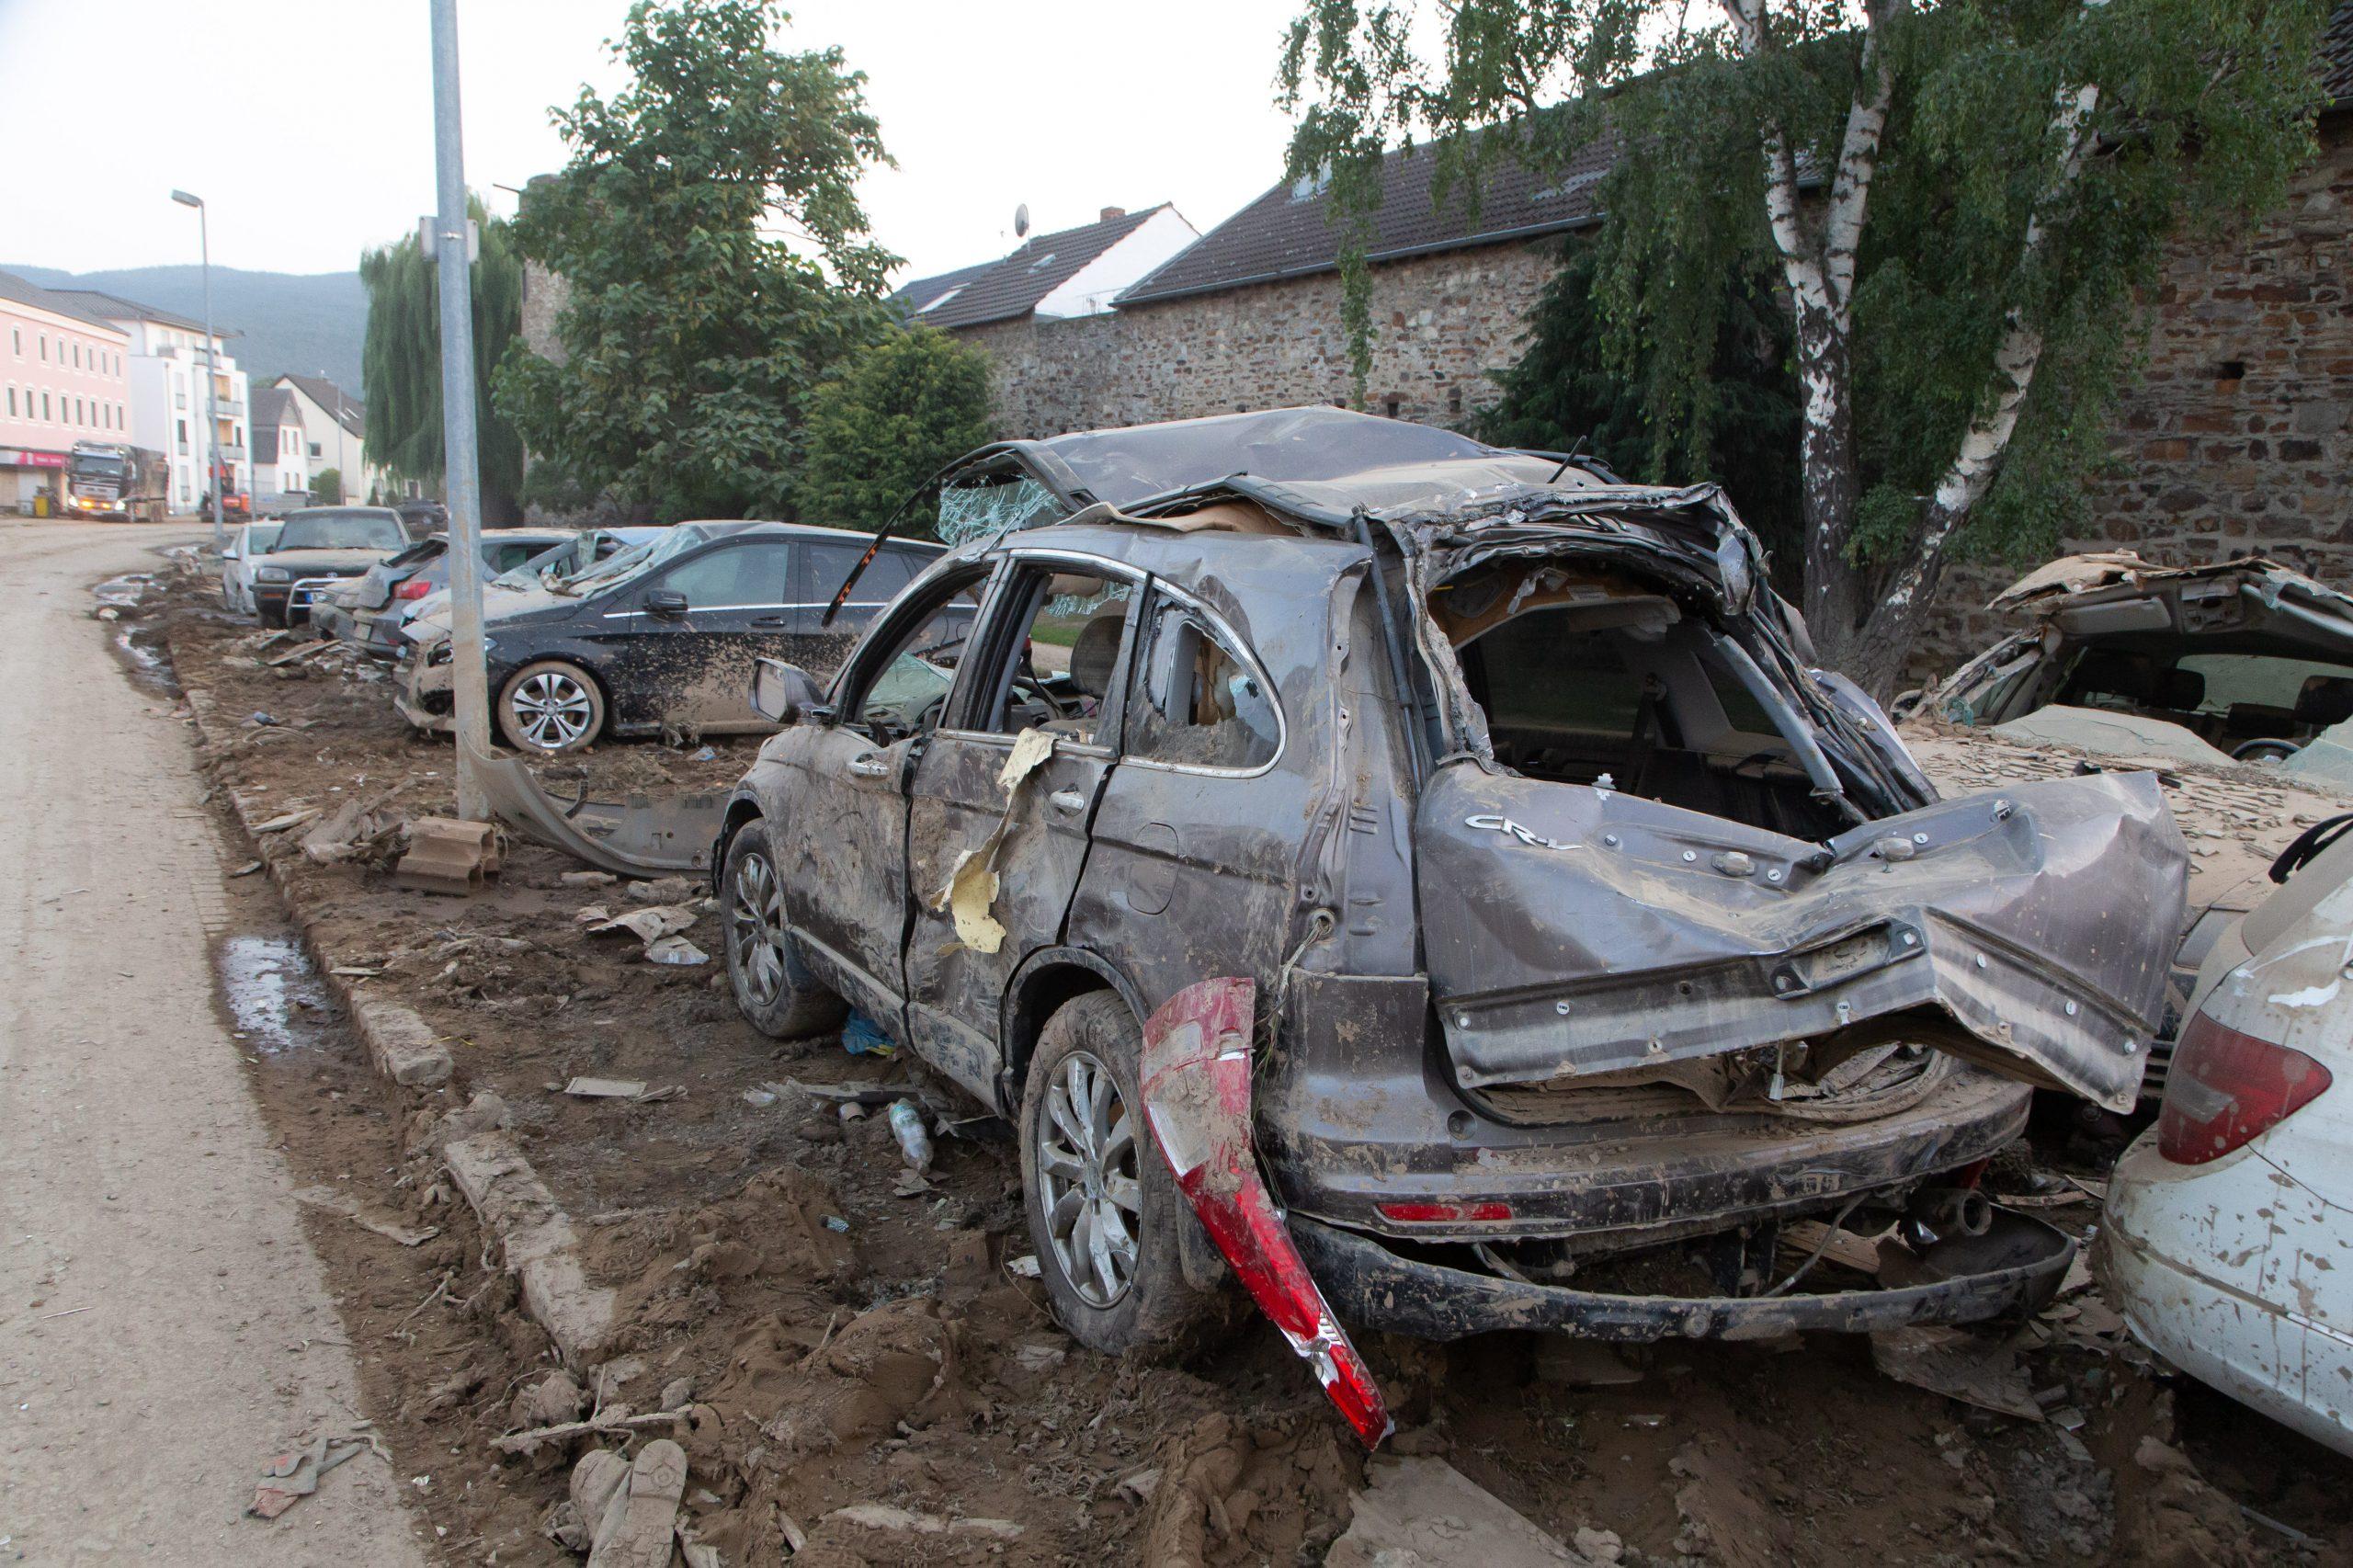 Auslaufende Tanks und Brandgefahr – Risiko durch kaputte Autos im Hochwassergebiet